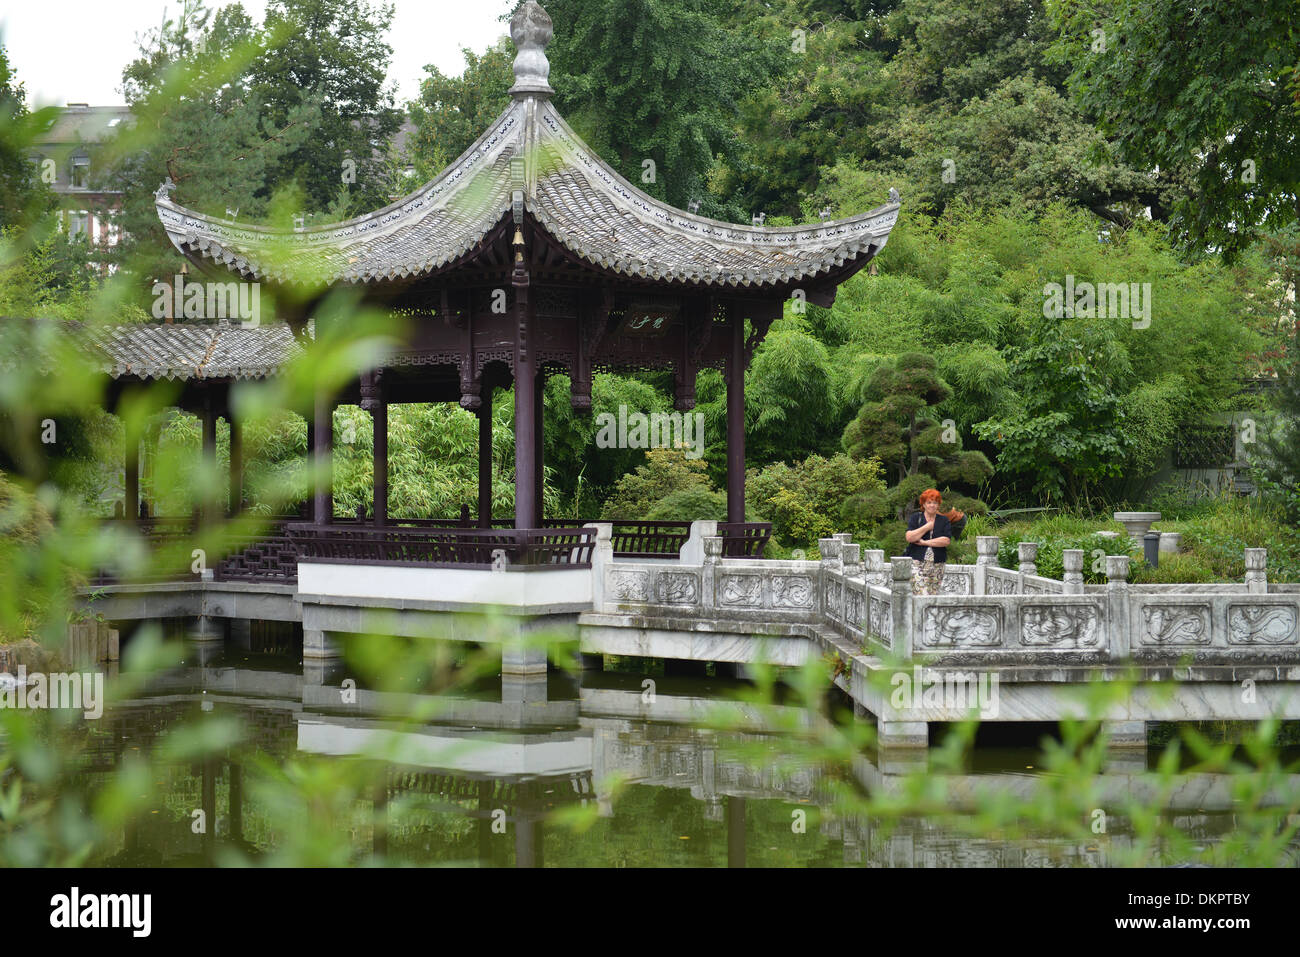 Chinesischer garten bethmannpark frankfurt am main for Chinesischer garten